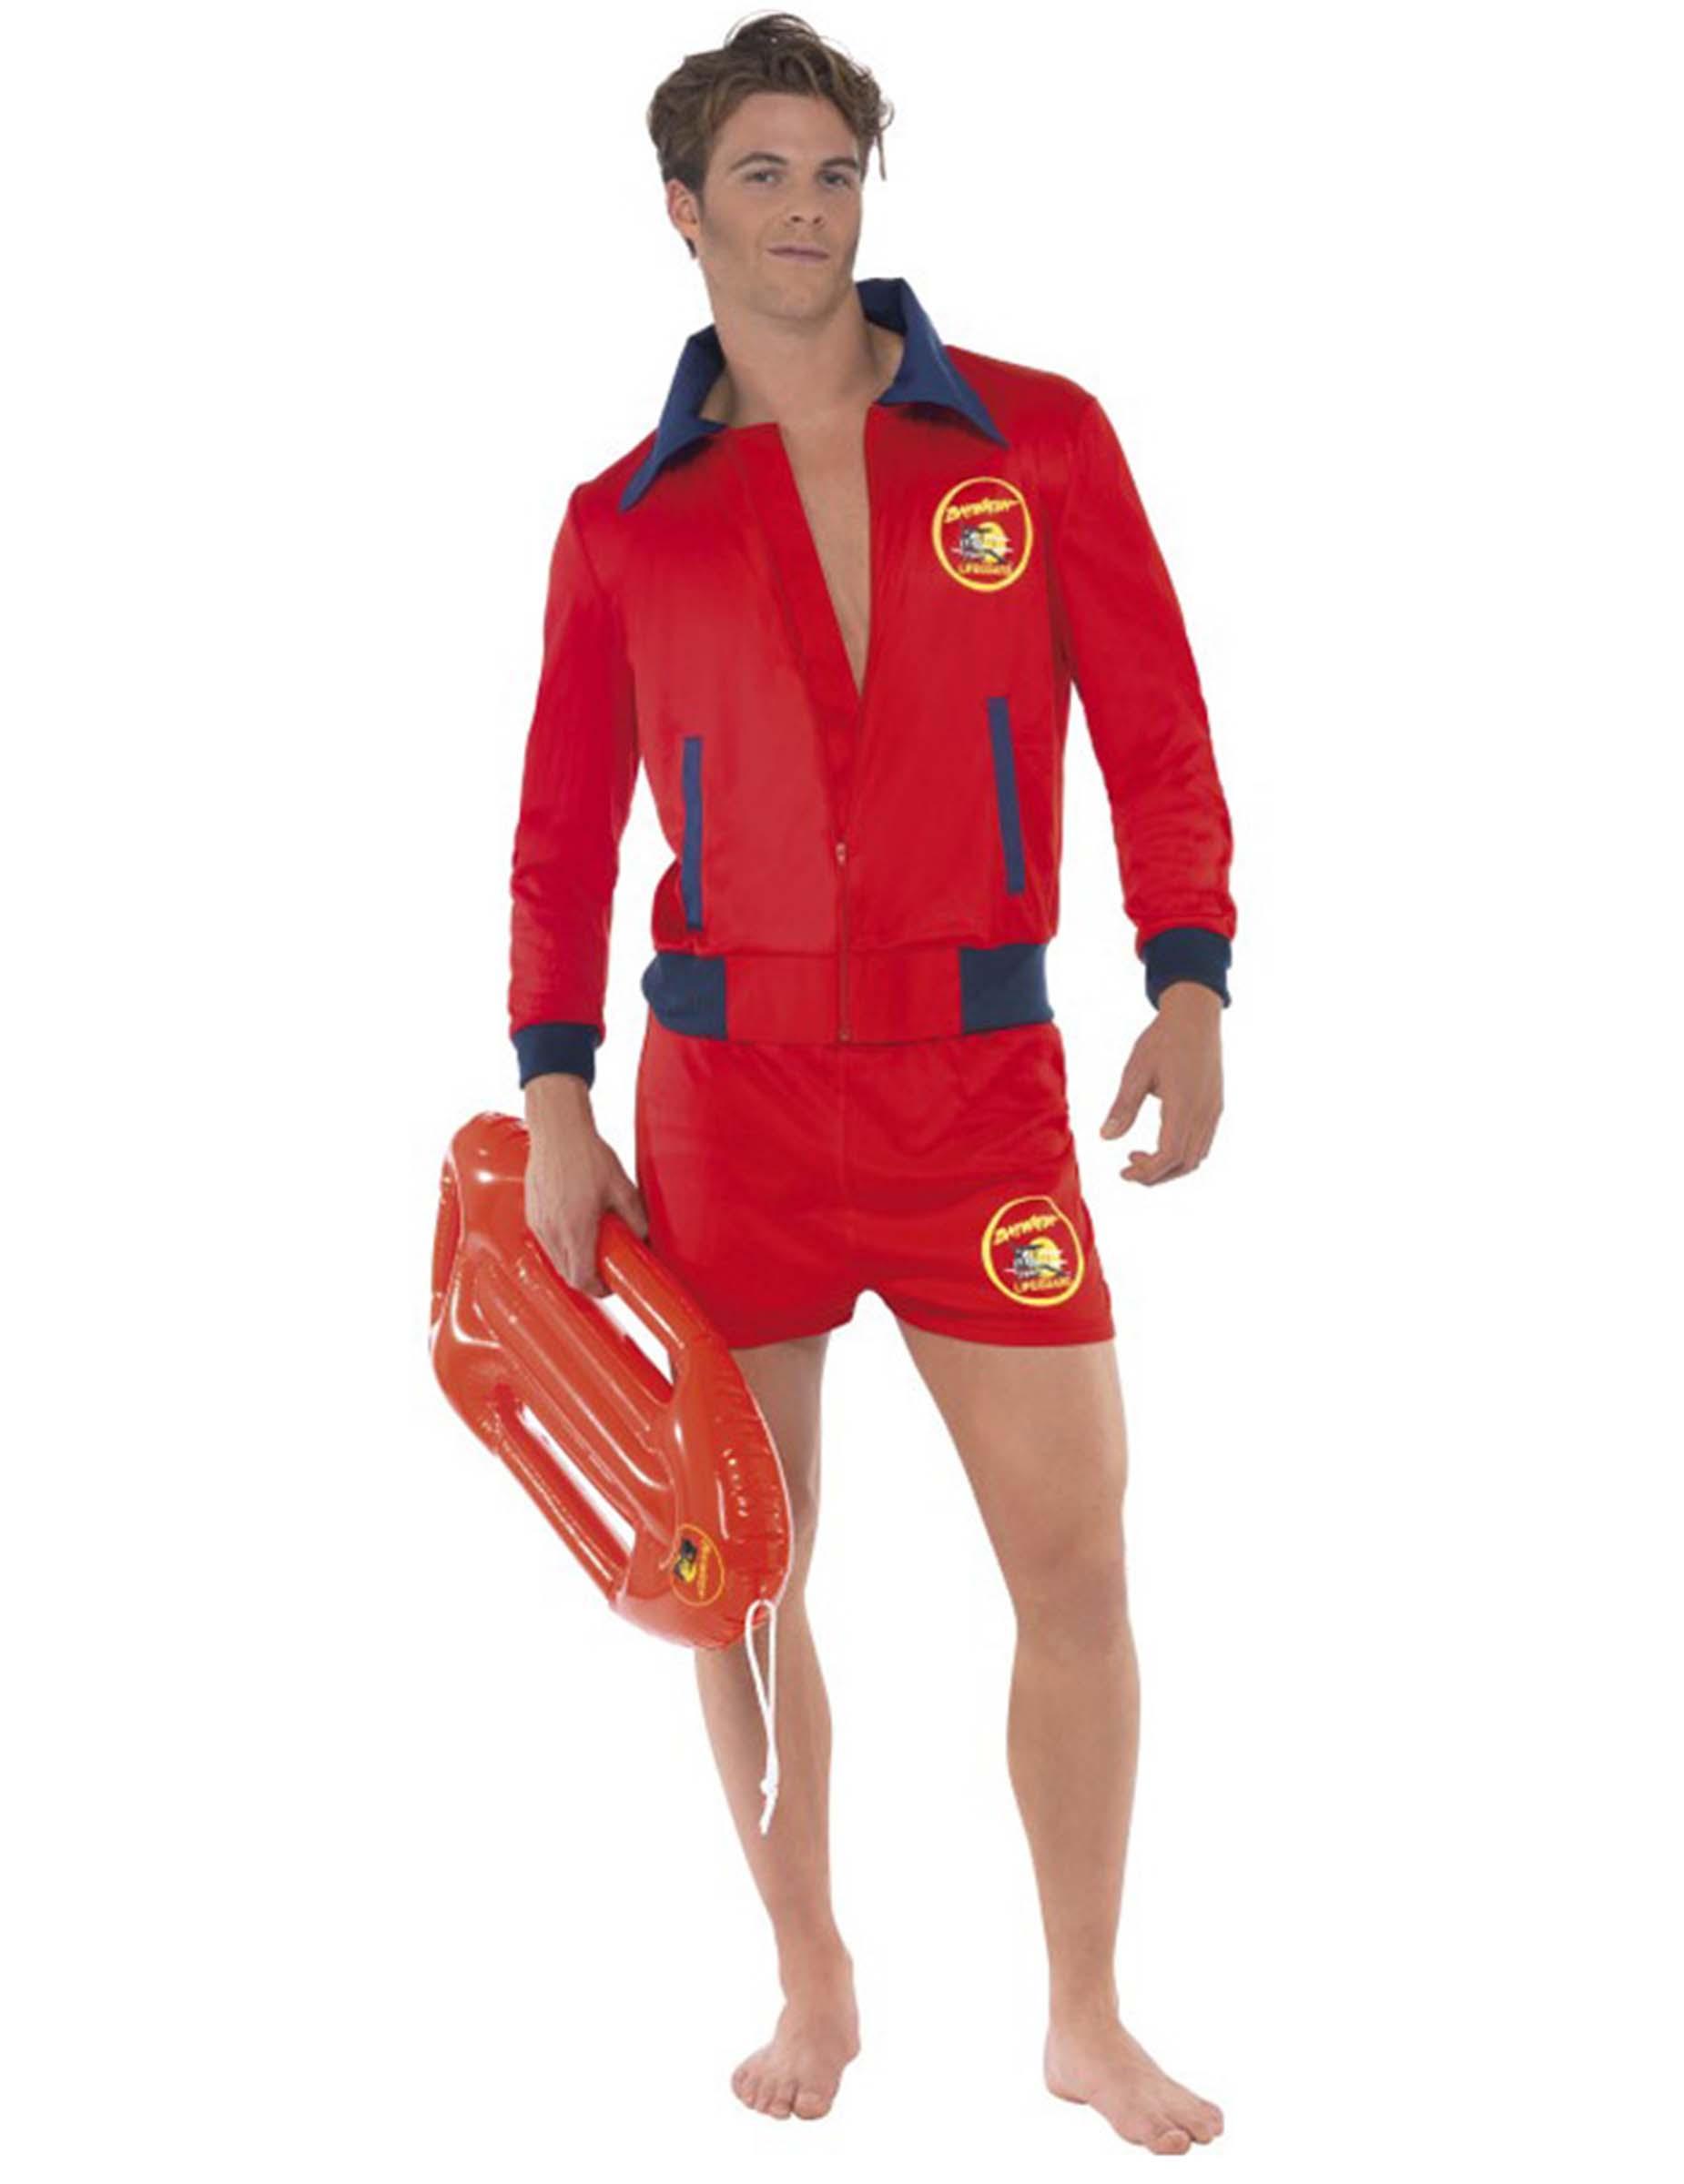 Baywatch Kostüm für Herren - M 45559